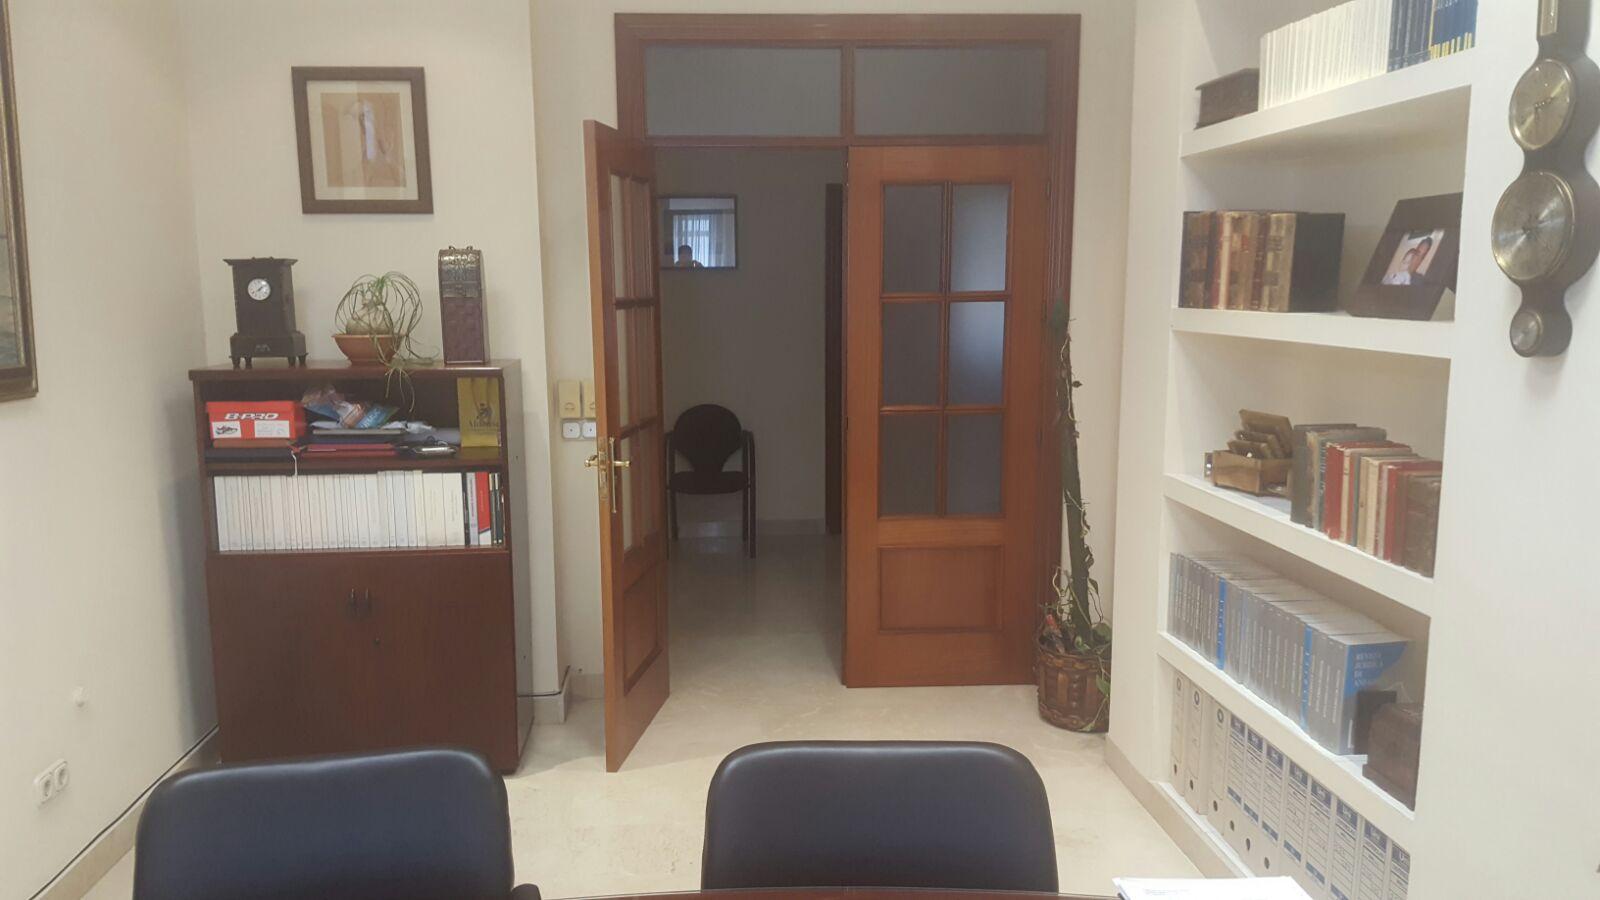 Foto de nuestro despacho en casas de campos